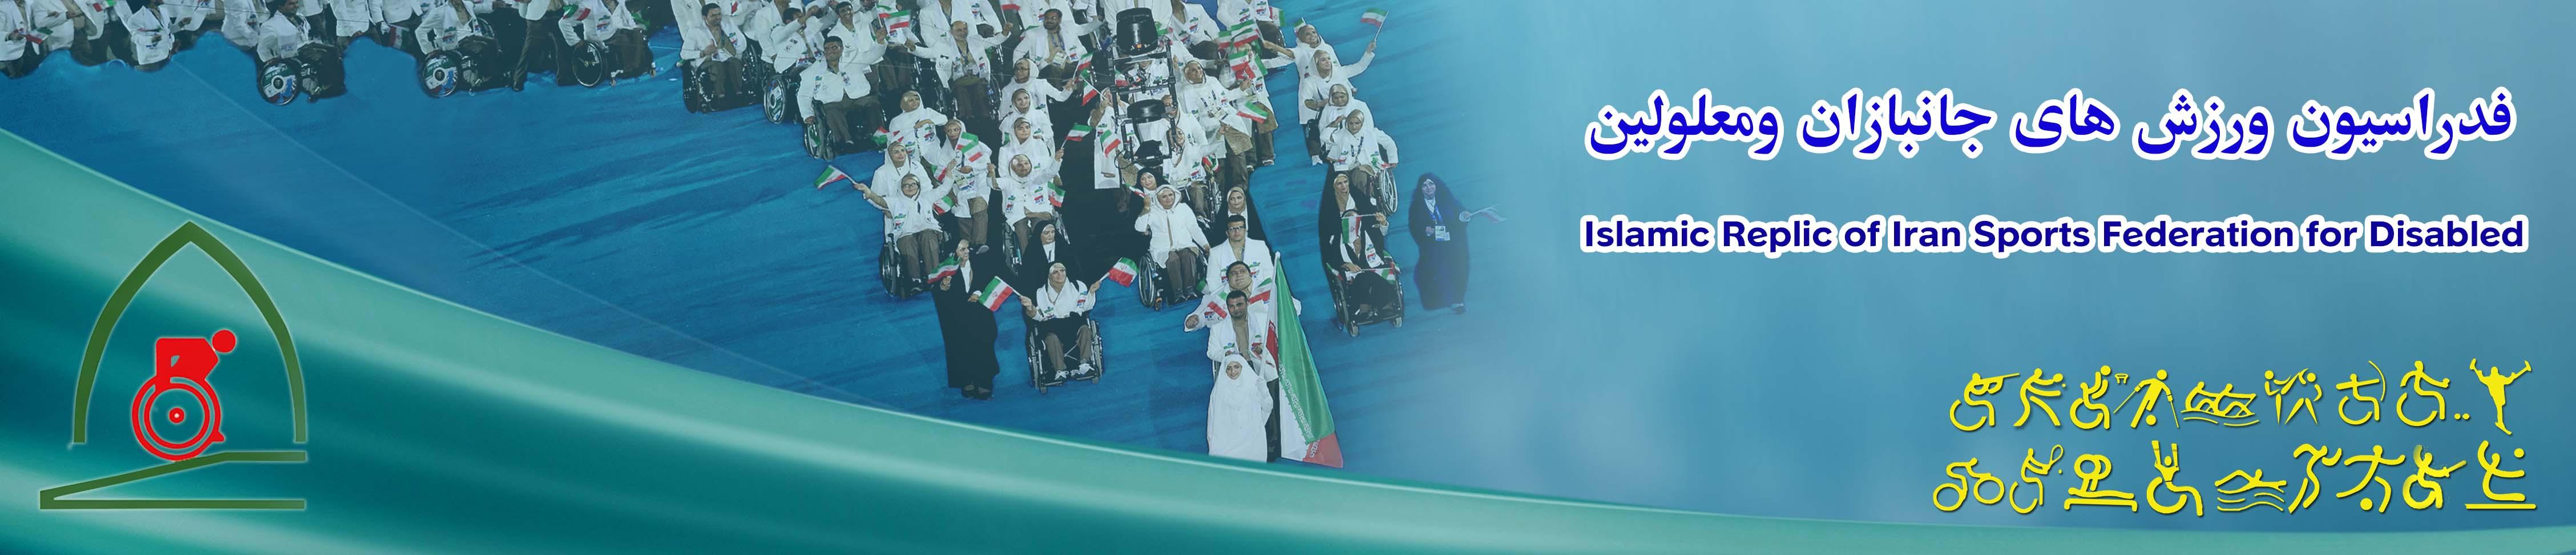 فدراسیون ورزشهای جانبازان و معلولین - نسخه آزمایشی